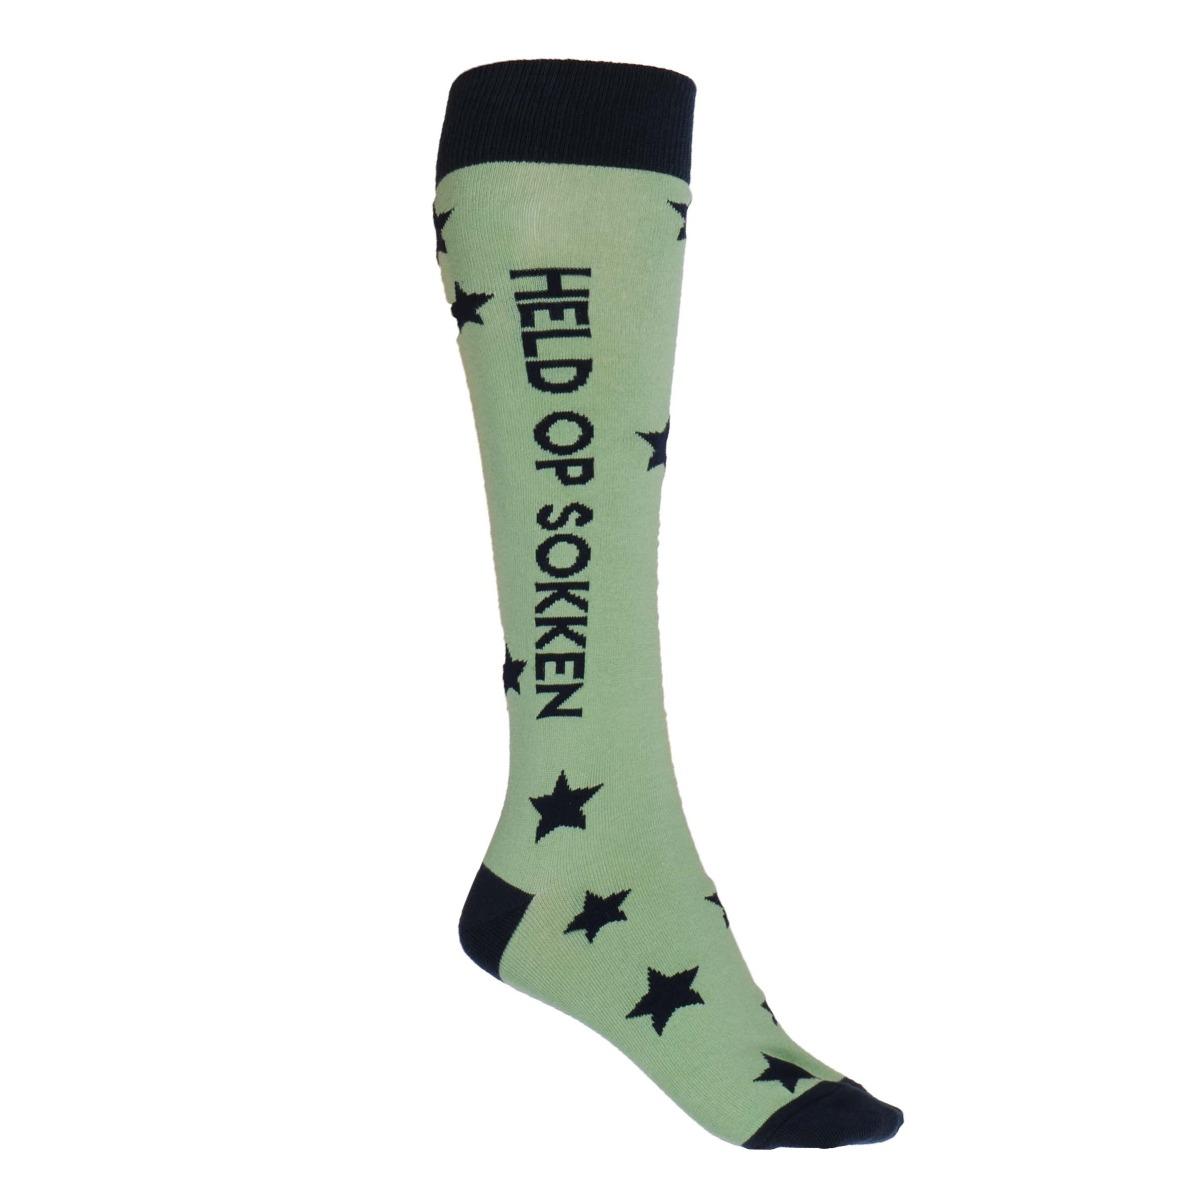 Mondoni Held op sokken kniekousen lichtgroen maat:27-30